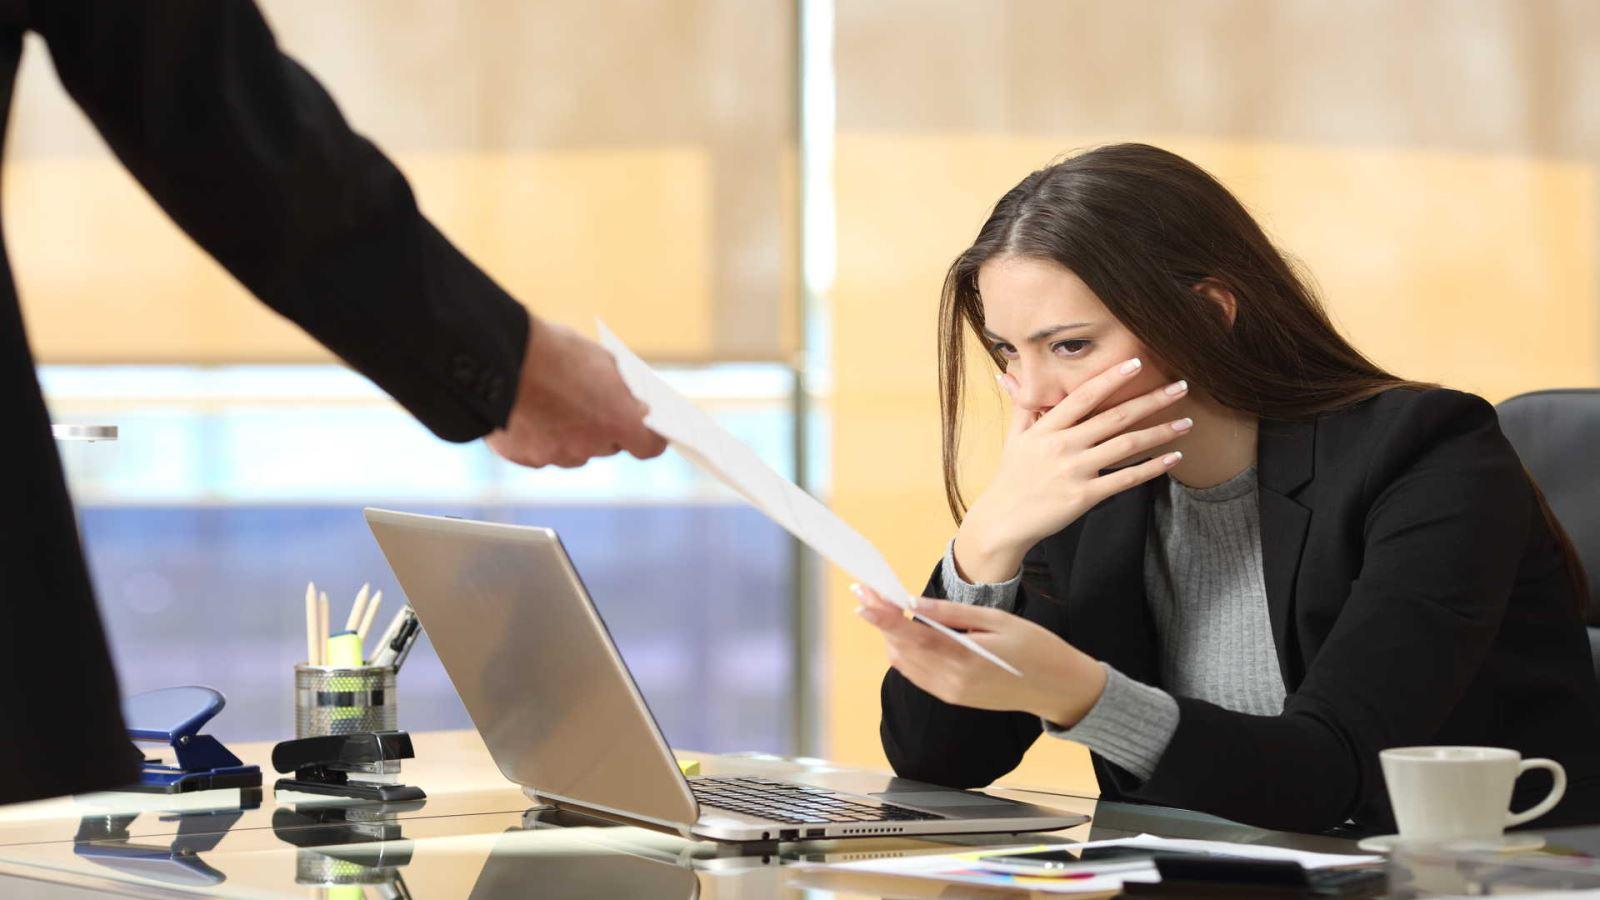 עובדת מקבלת מכתב פיטורים מהמעסיק